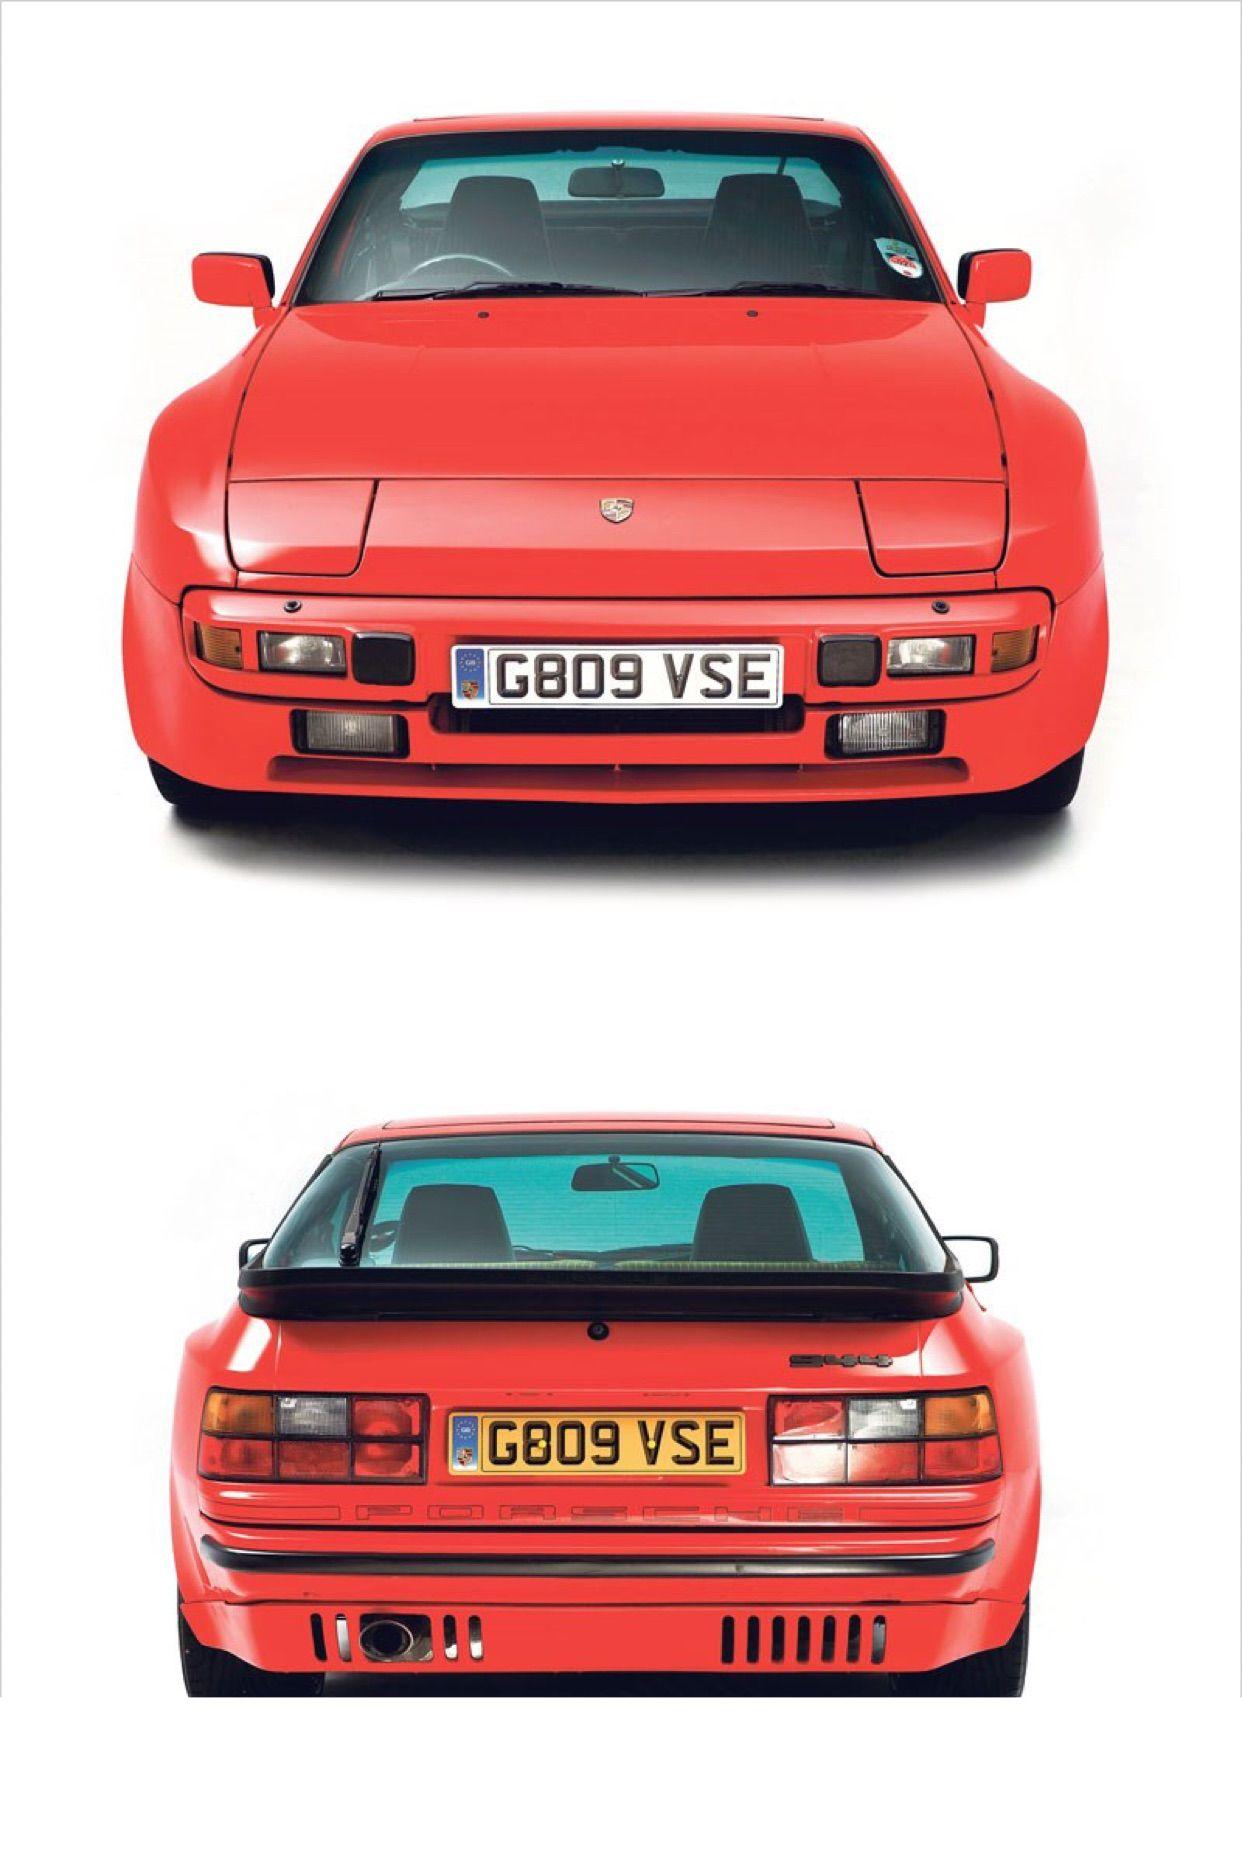 Porsche 944 Uk Row Rhd Spec With Euro Rear Valance Porsche 944 Porsche Vintage Porsche